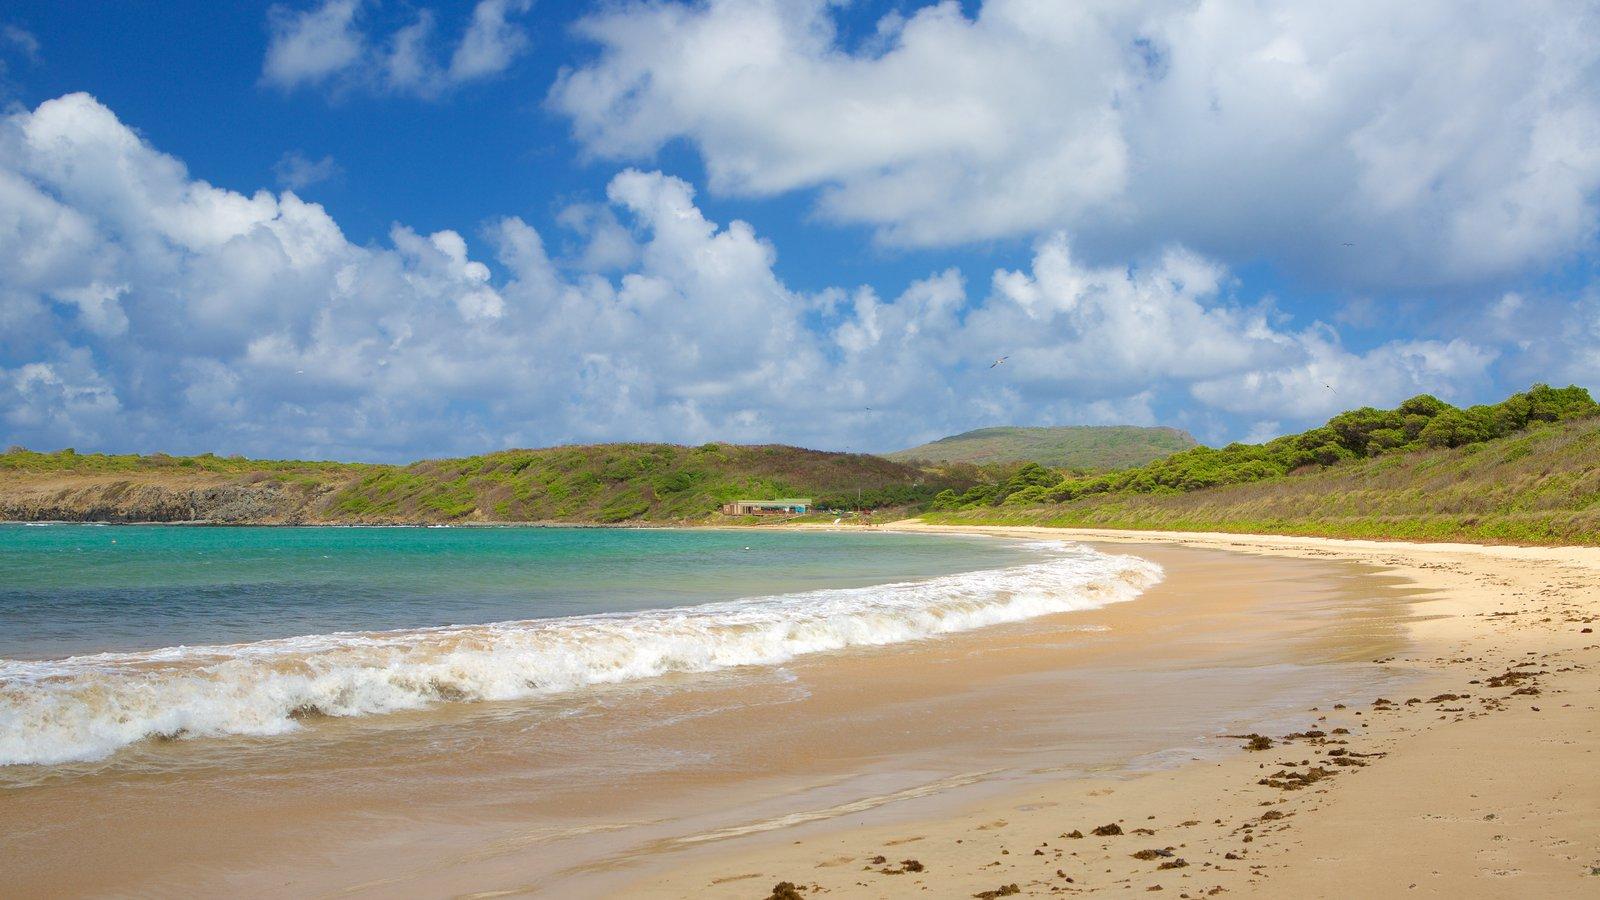 Praia do Sueste mostrando uma praia de areia e paisagens litorâneas